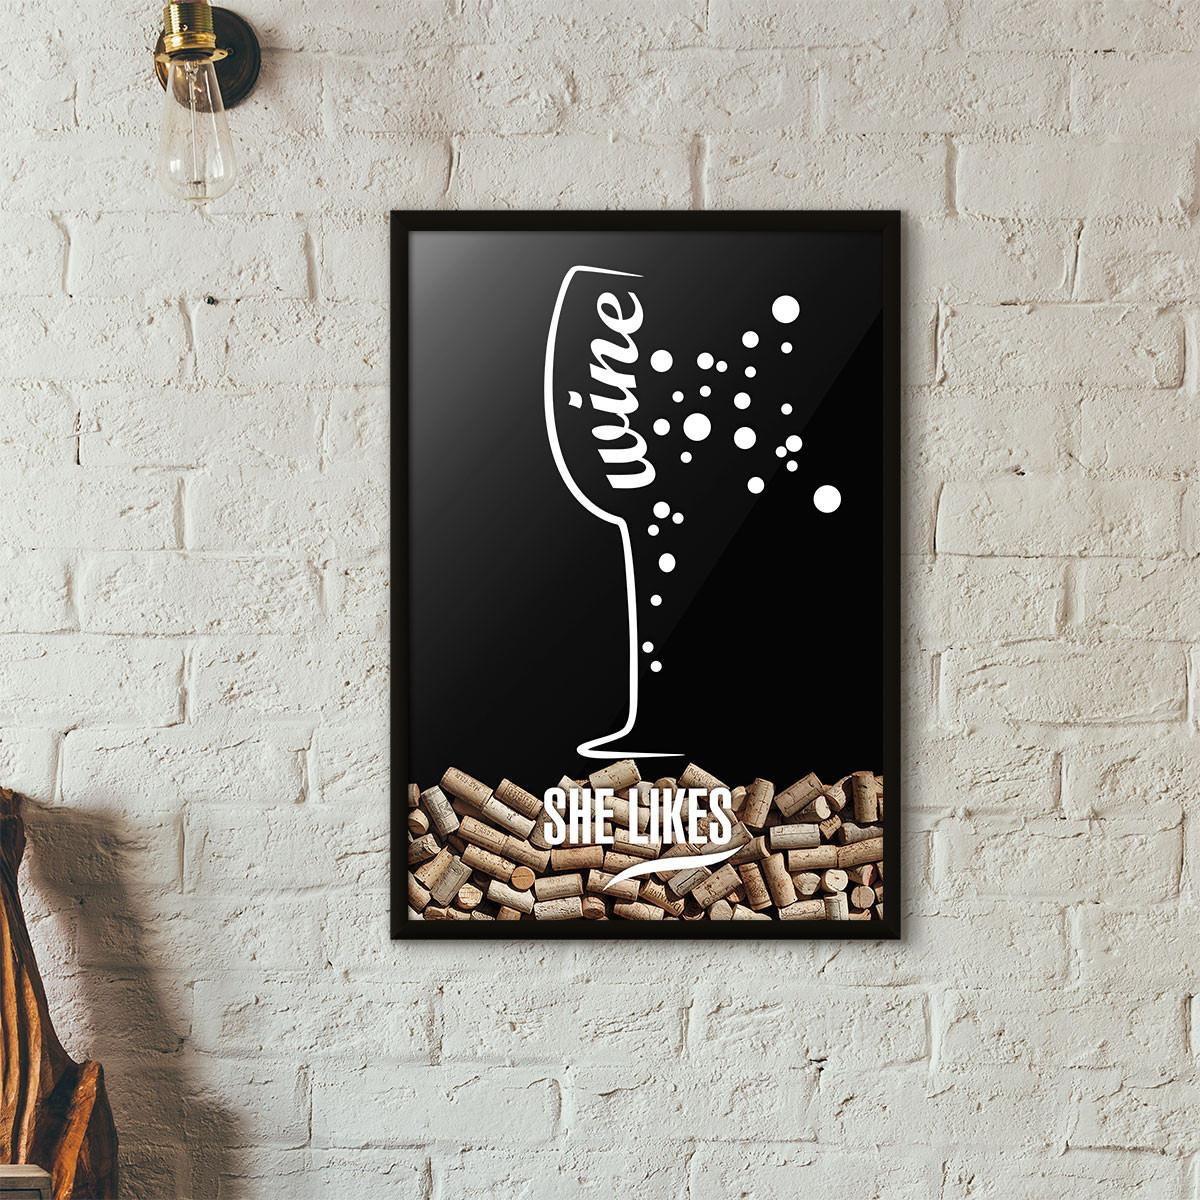 Quadro Porta Rolhas de Vinho - She Likes - Preto